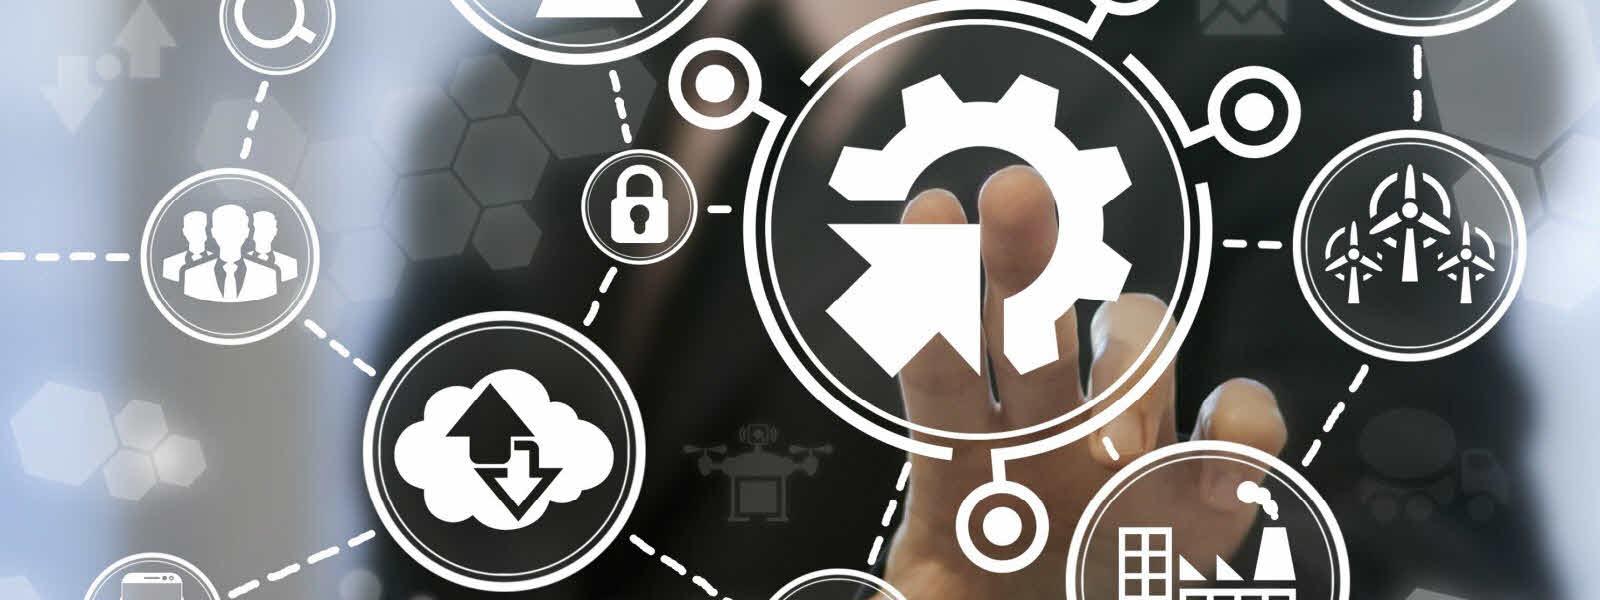 Smarter Partner Portal for Smarter Businesses